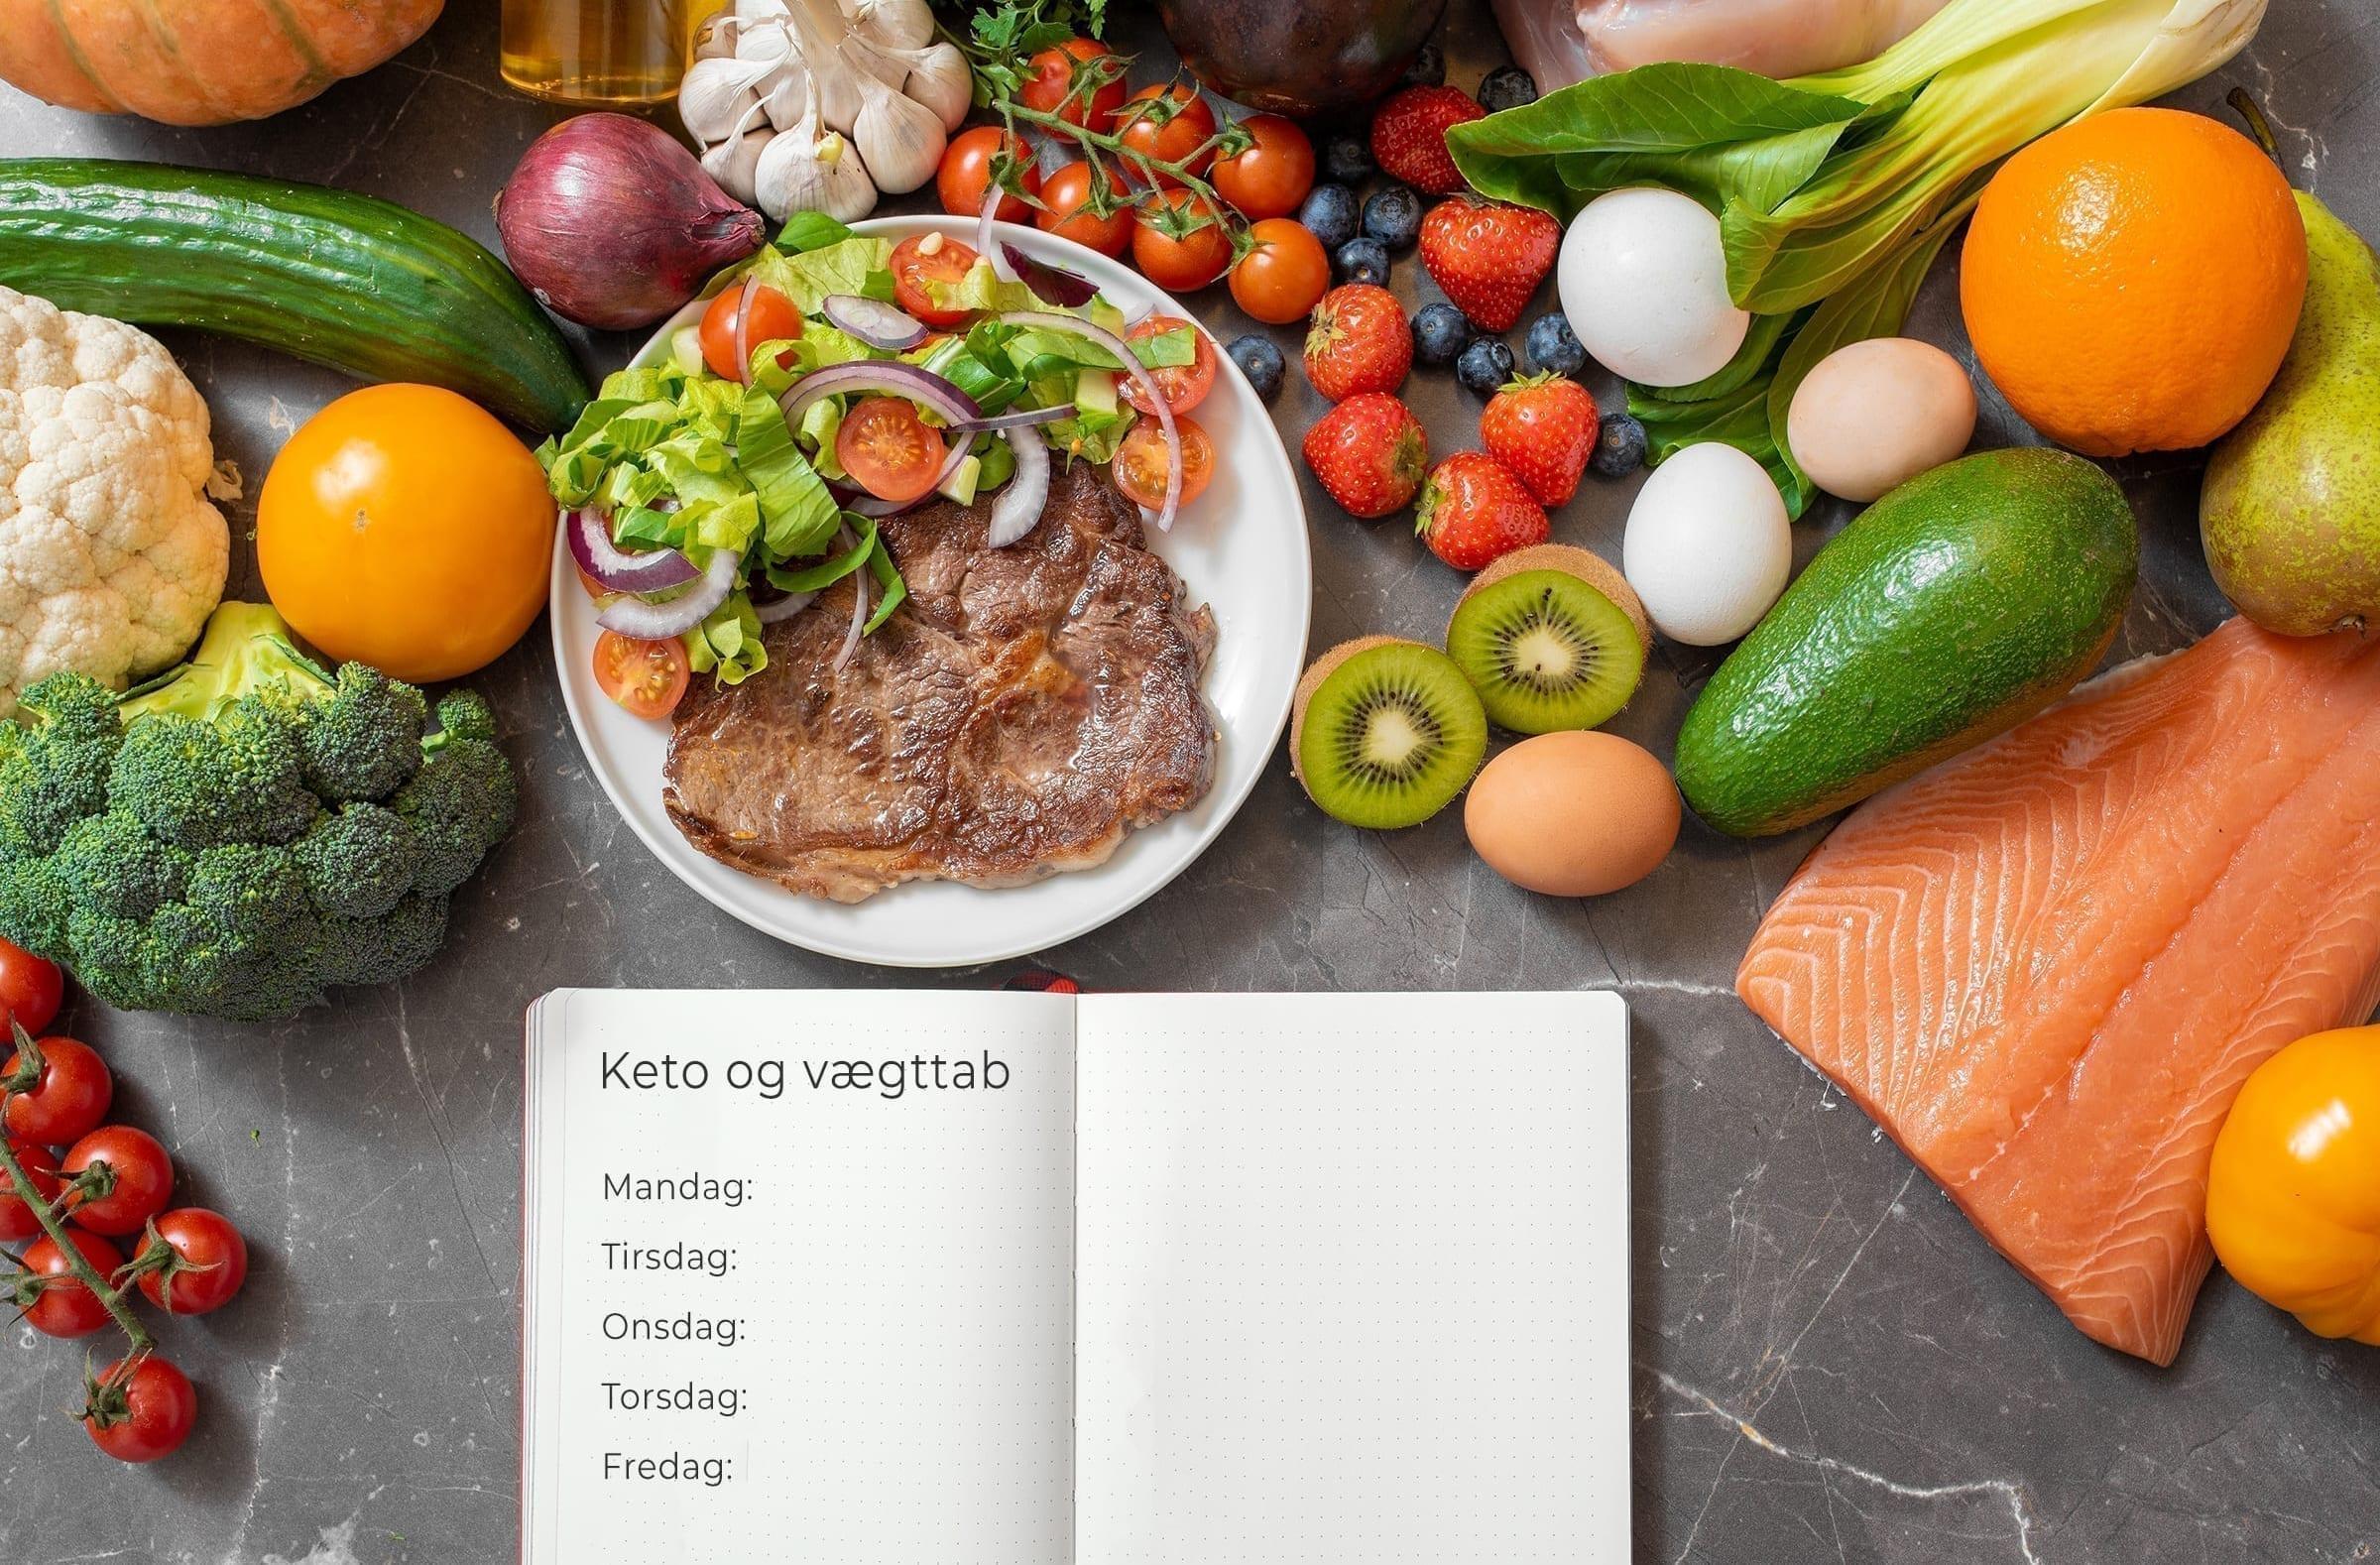 Guide til vægttab med keto